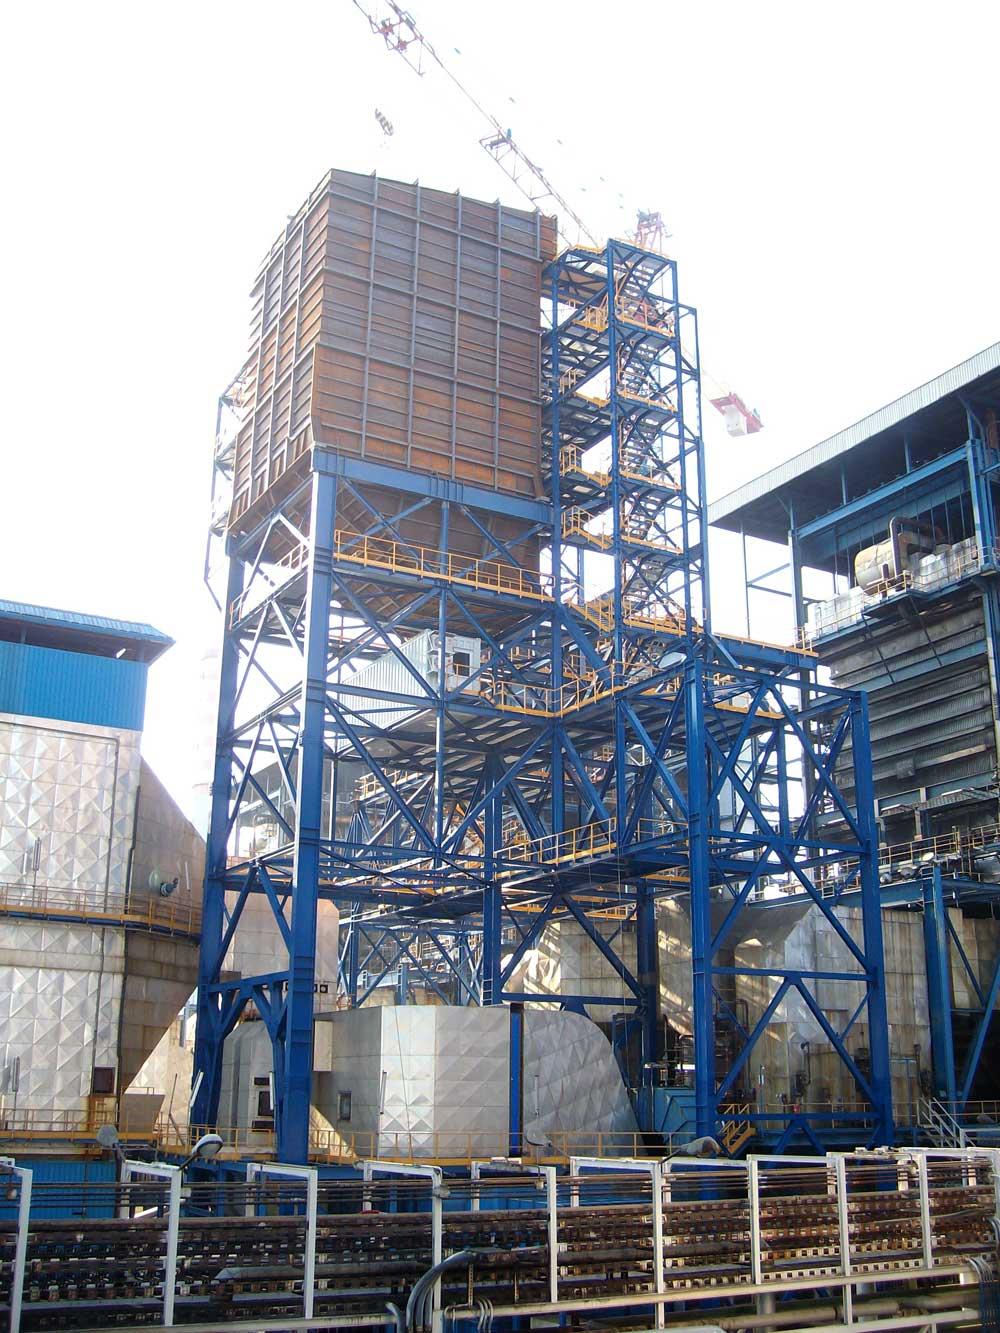 Montaggi Industriali - Lavori - C.TE EDIPOWER DI SAN FILIPPO DEL MELA - montaggi industriali